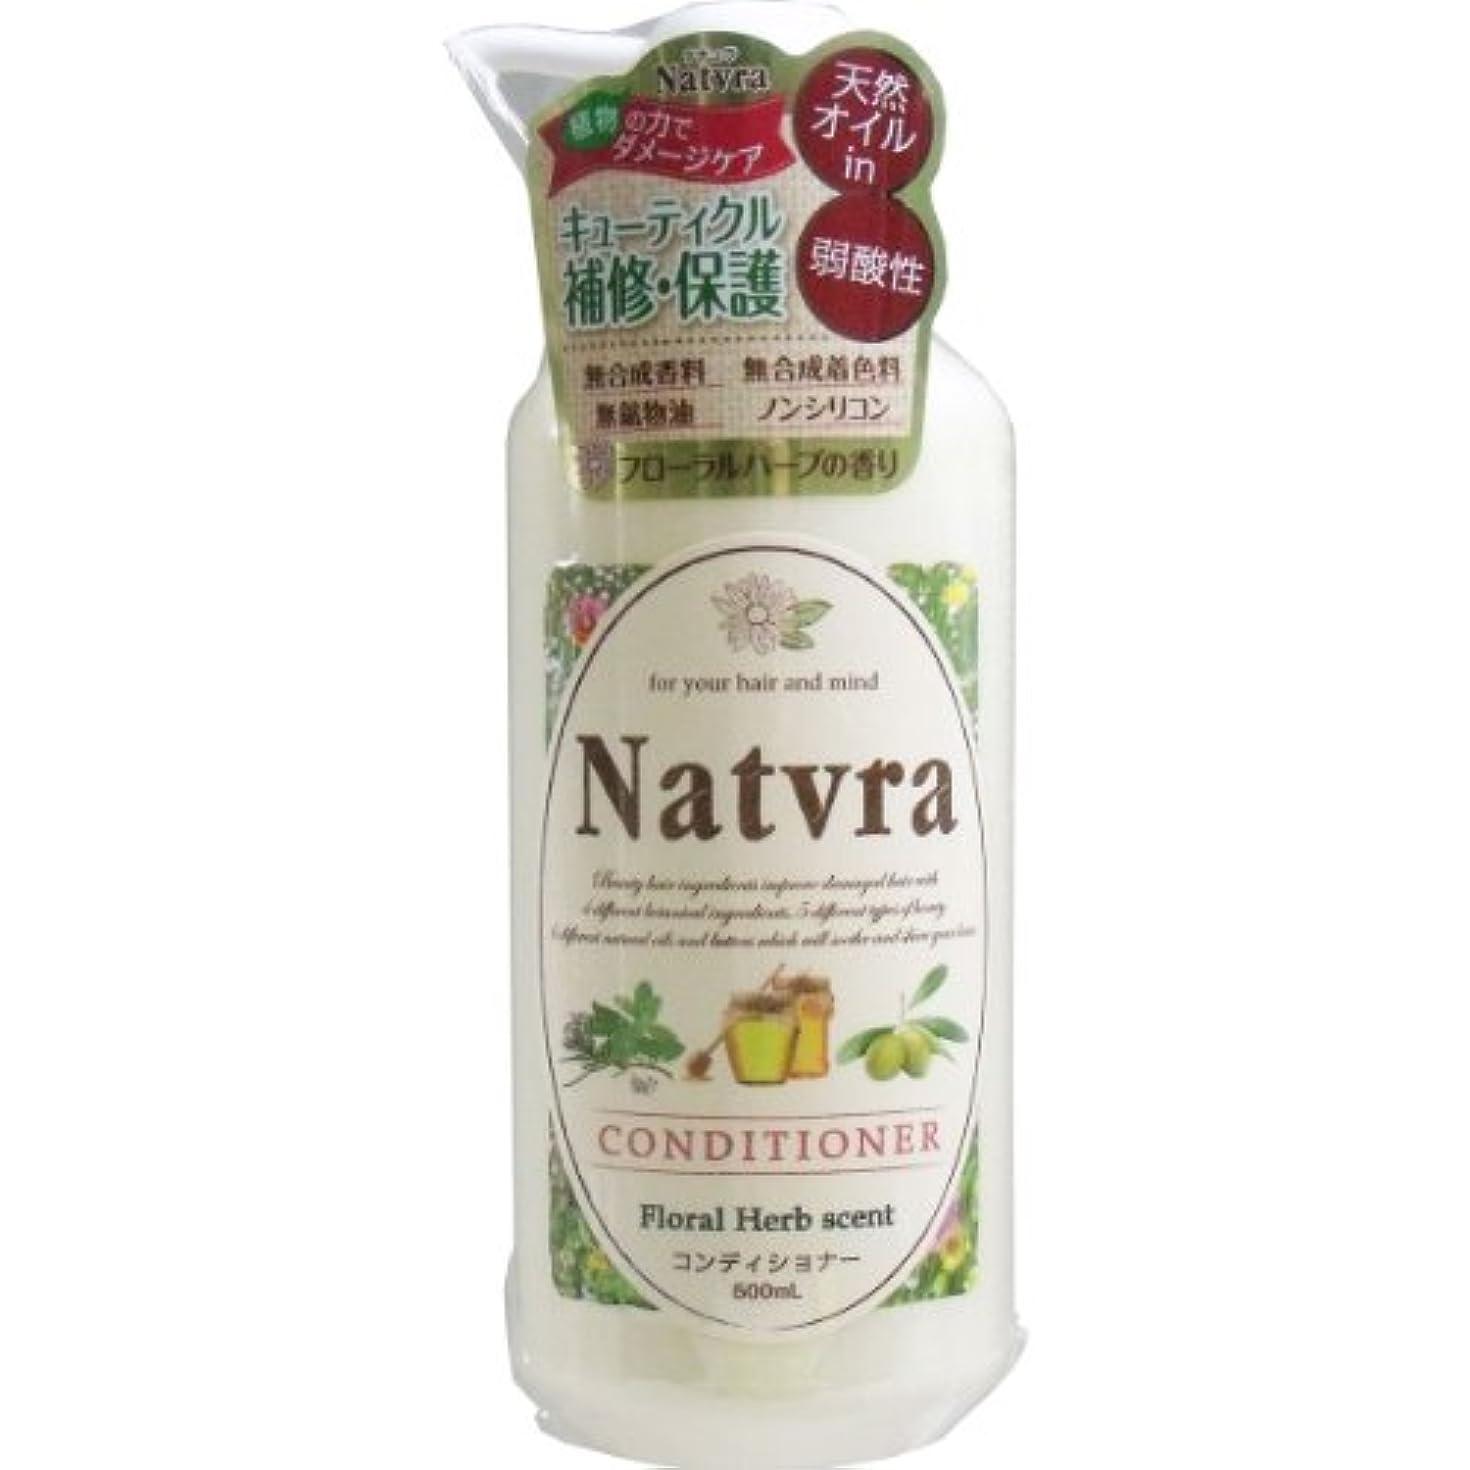 包括的屋内で他の日Natvra(ナチュラ) コンディショナー フローラルハーブの香り 500mL「4点セット」